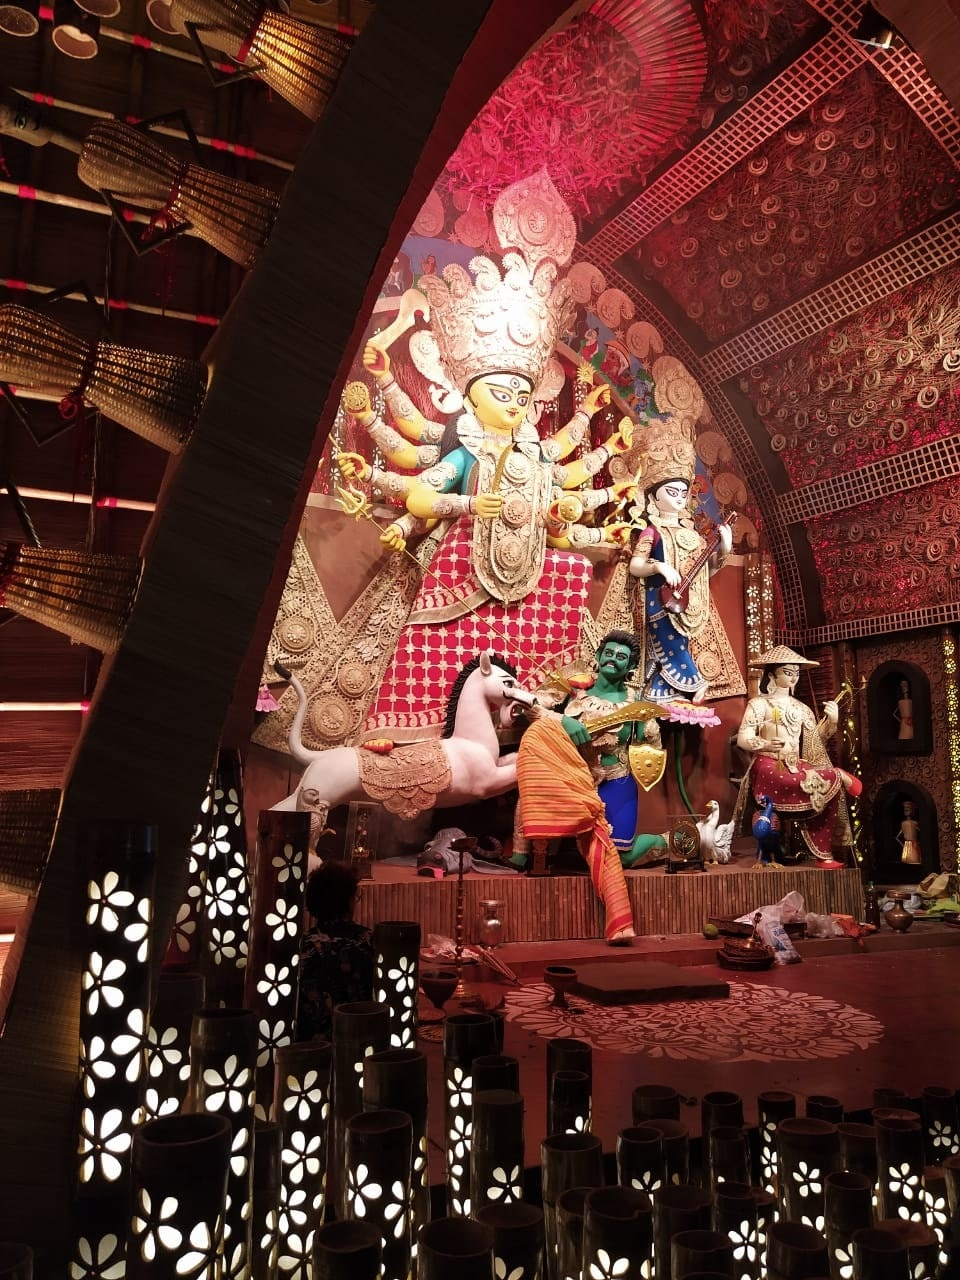 கொல்கத்தாவில் துர்கா பூஜை கொண்டாட்டம். (image: sankar)